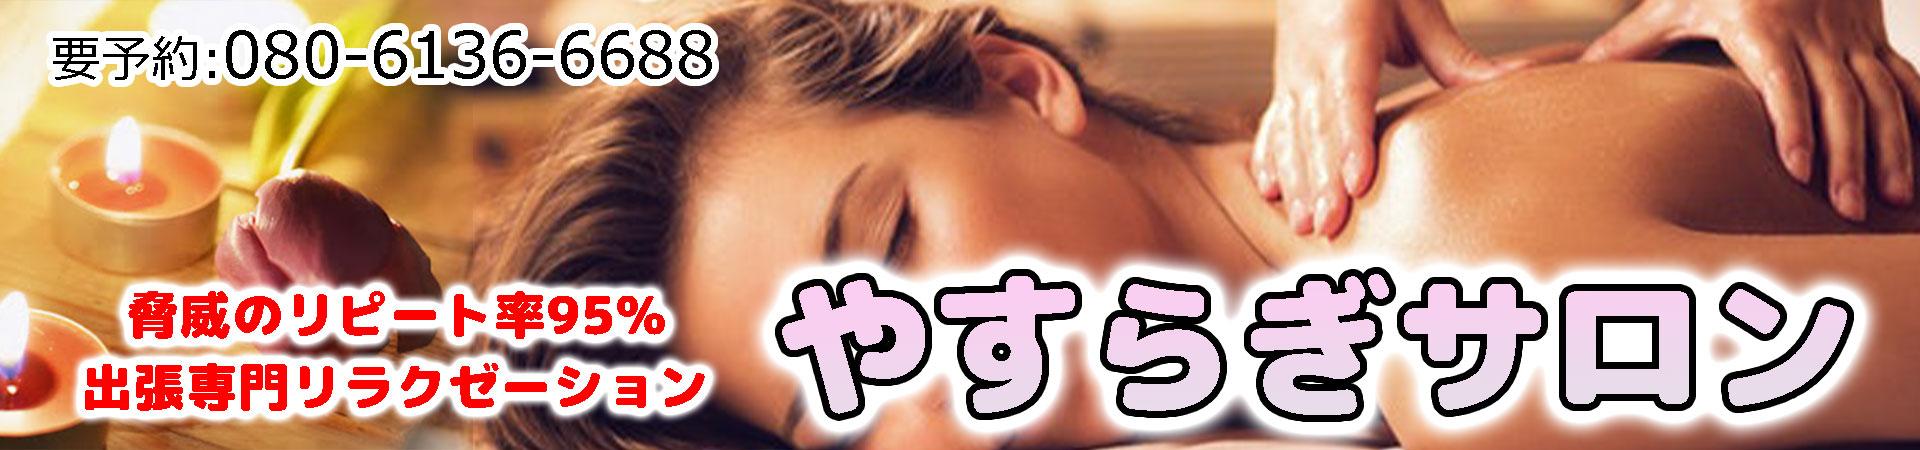 非公開: 【やすらぎサロン】生野区/大阪